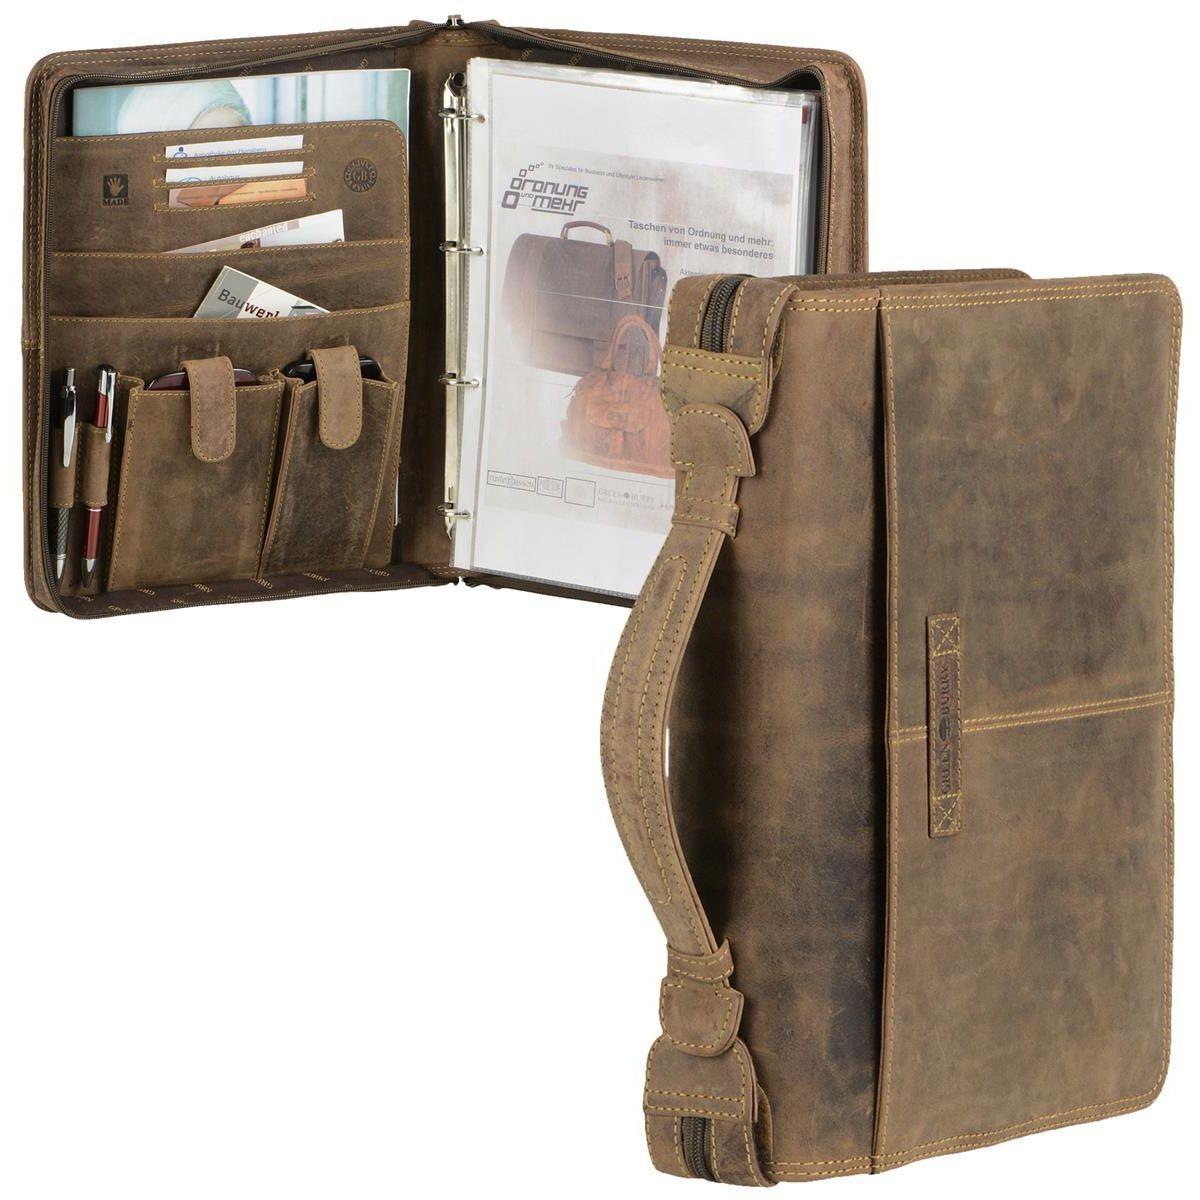 Grünburry Schreibmappe Schreibmappe Schreibmappe A4 Leder braun Vintage mit Tabletfach | Großer Räumungsverkauf  | Sorgfältig ausgewählte Materialien  | Heißer Verkauf  707e00